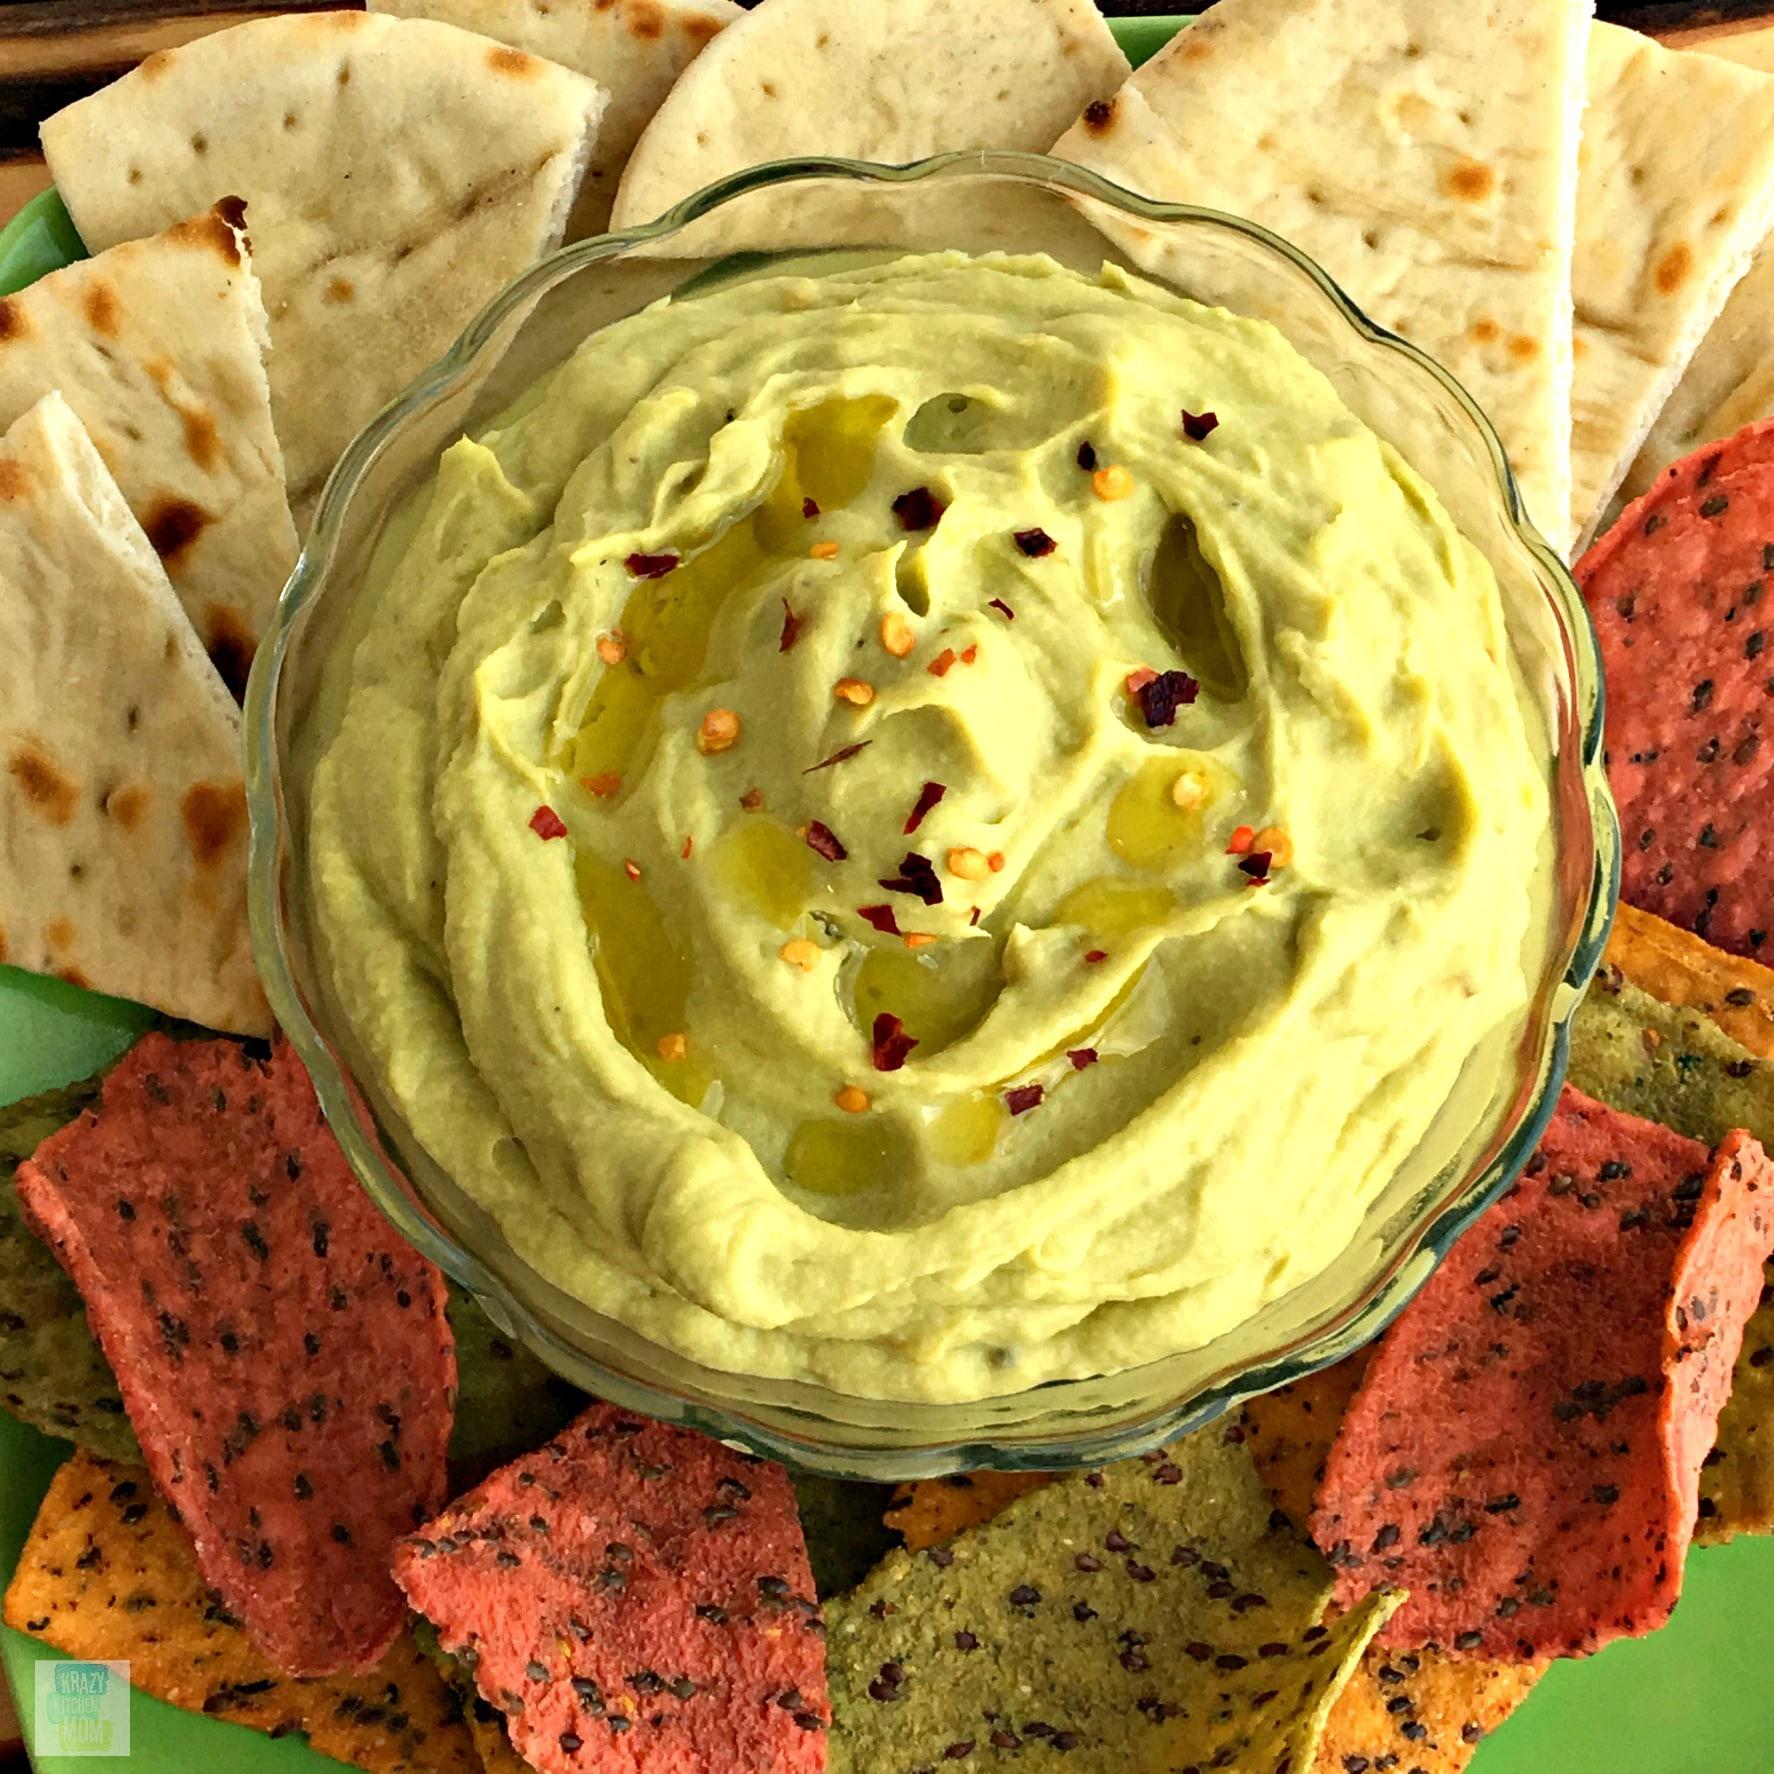 Spicy Avocado Hummus, Avocado Hummus, Hummus